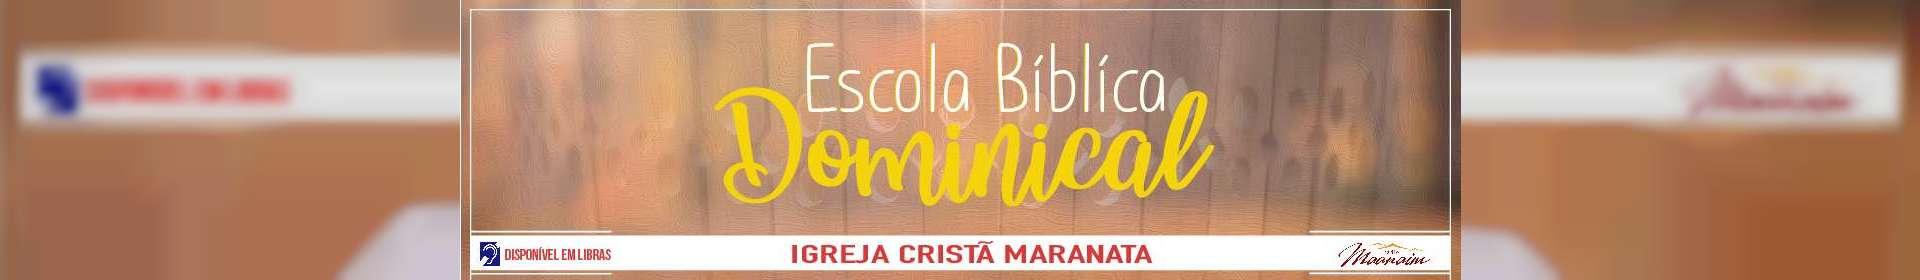 Escola Bíblica Dominical - 28/07/2019